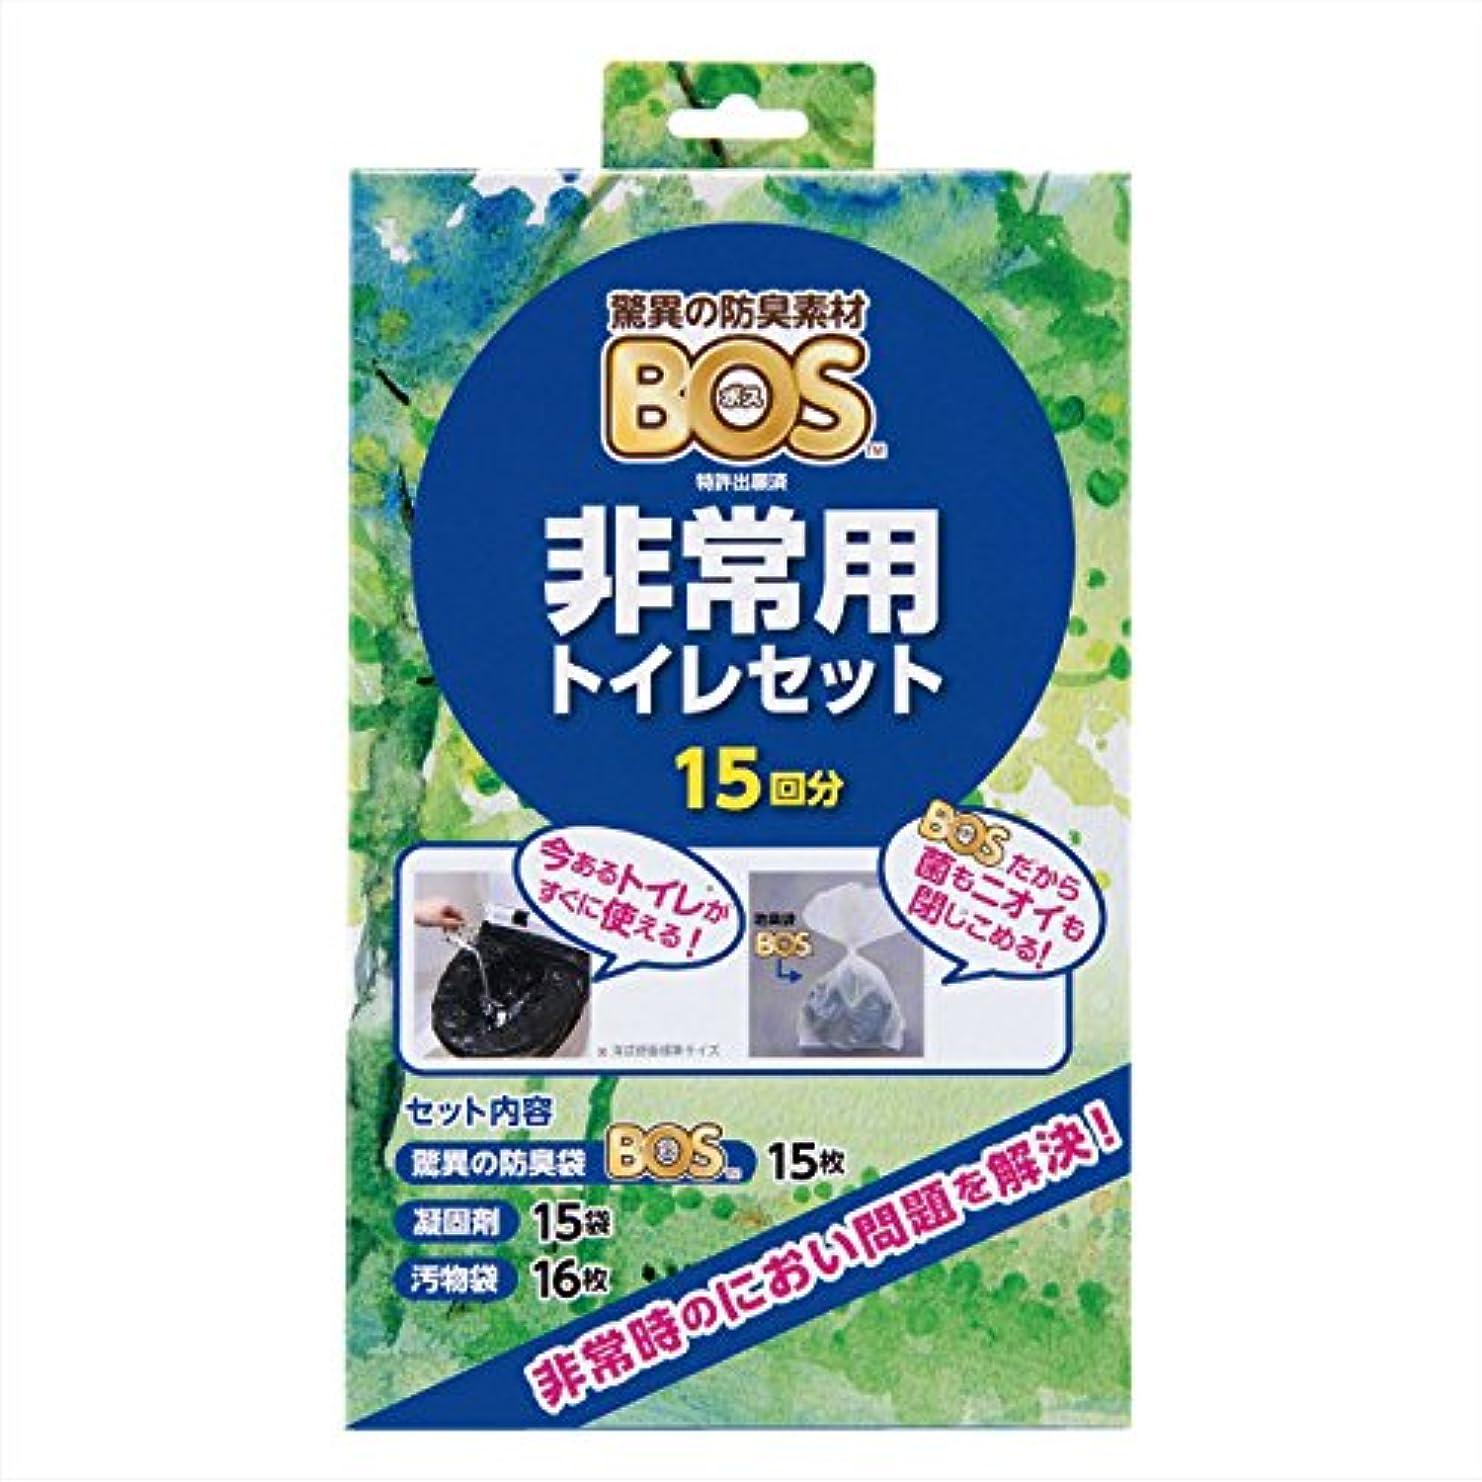 困惑巻き取りスコア驚異の防臭袋 BOS (ボス) 非常用 トイレ セット【凝固剤、汚物袋、BOSの3点セット ※防臭袋BOSのセットはこのシリーズだけ!】 (15回分)